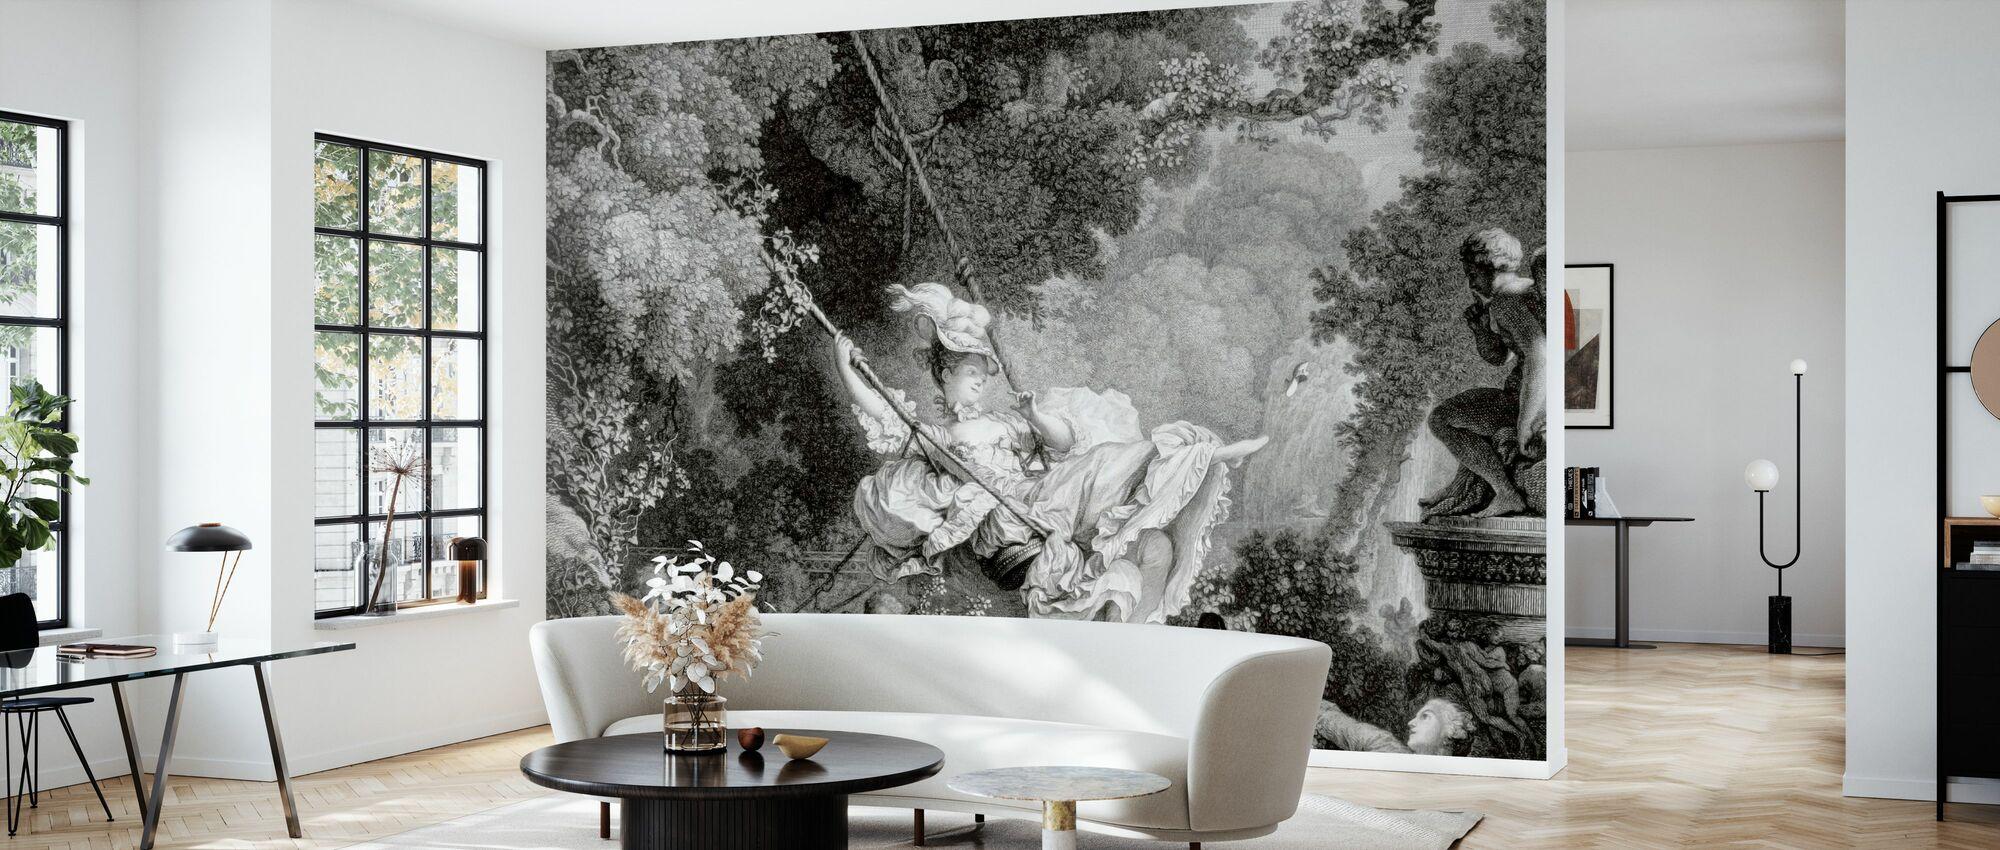 Summer Swing - Wallpaper - Living Room